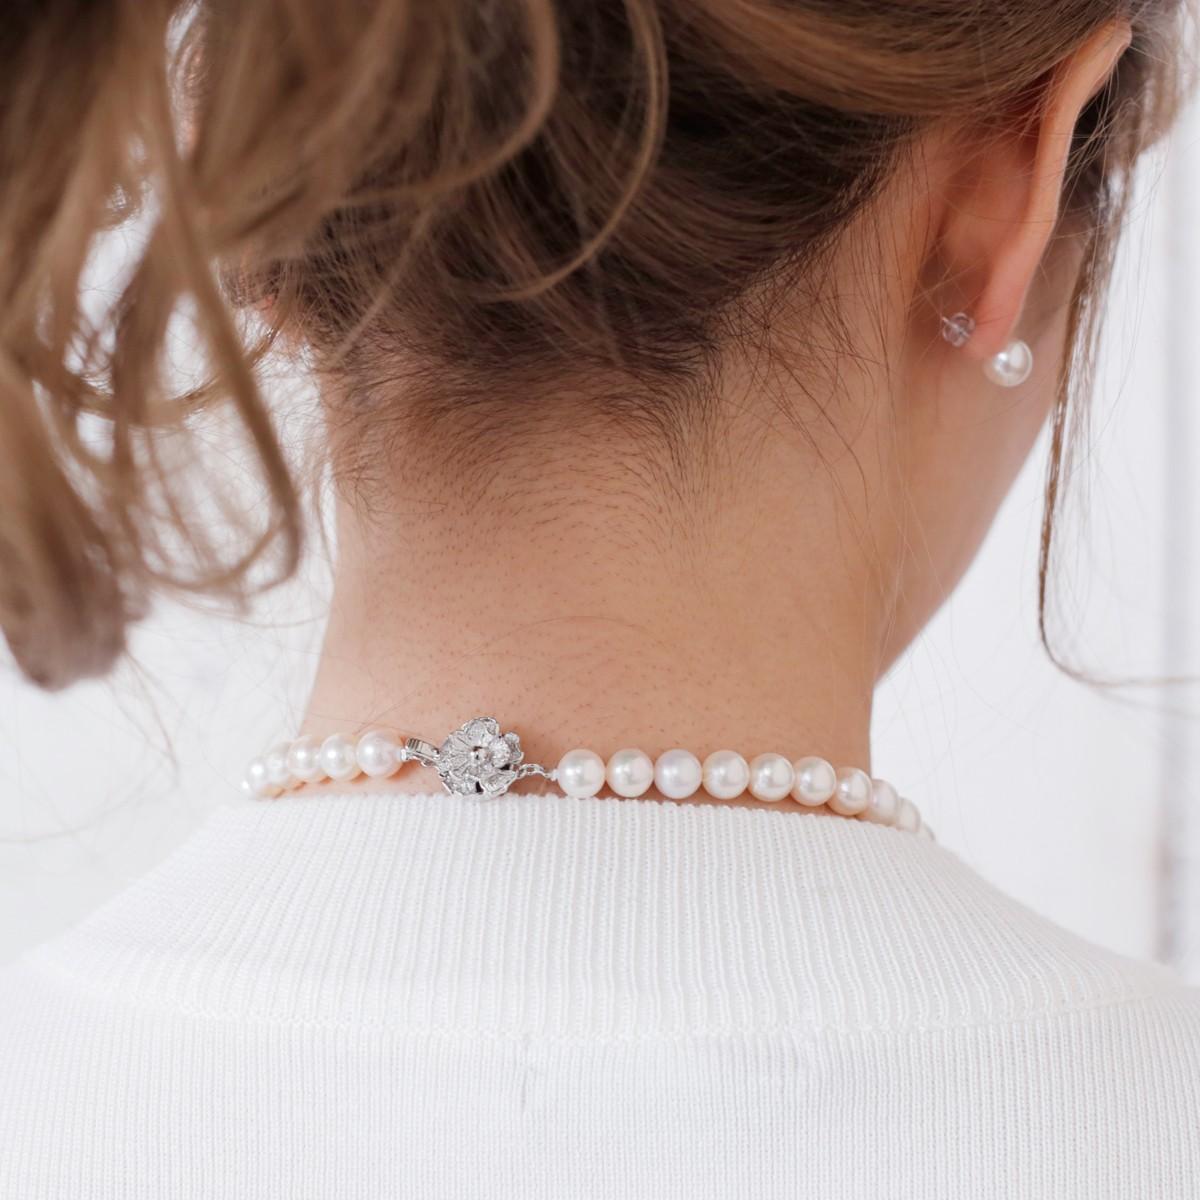 あこや本真珠 ピアス ネックレス セット 42cm フォーマル カジュアルの写真